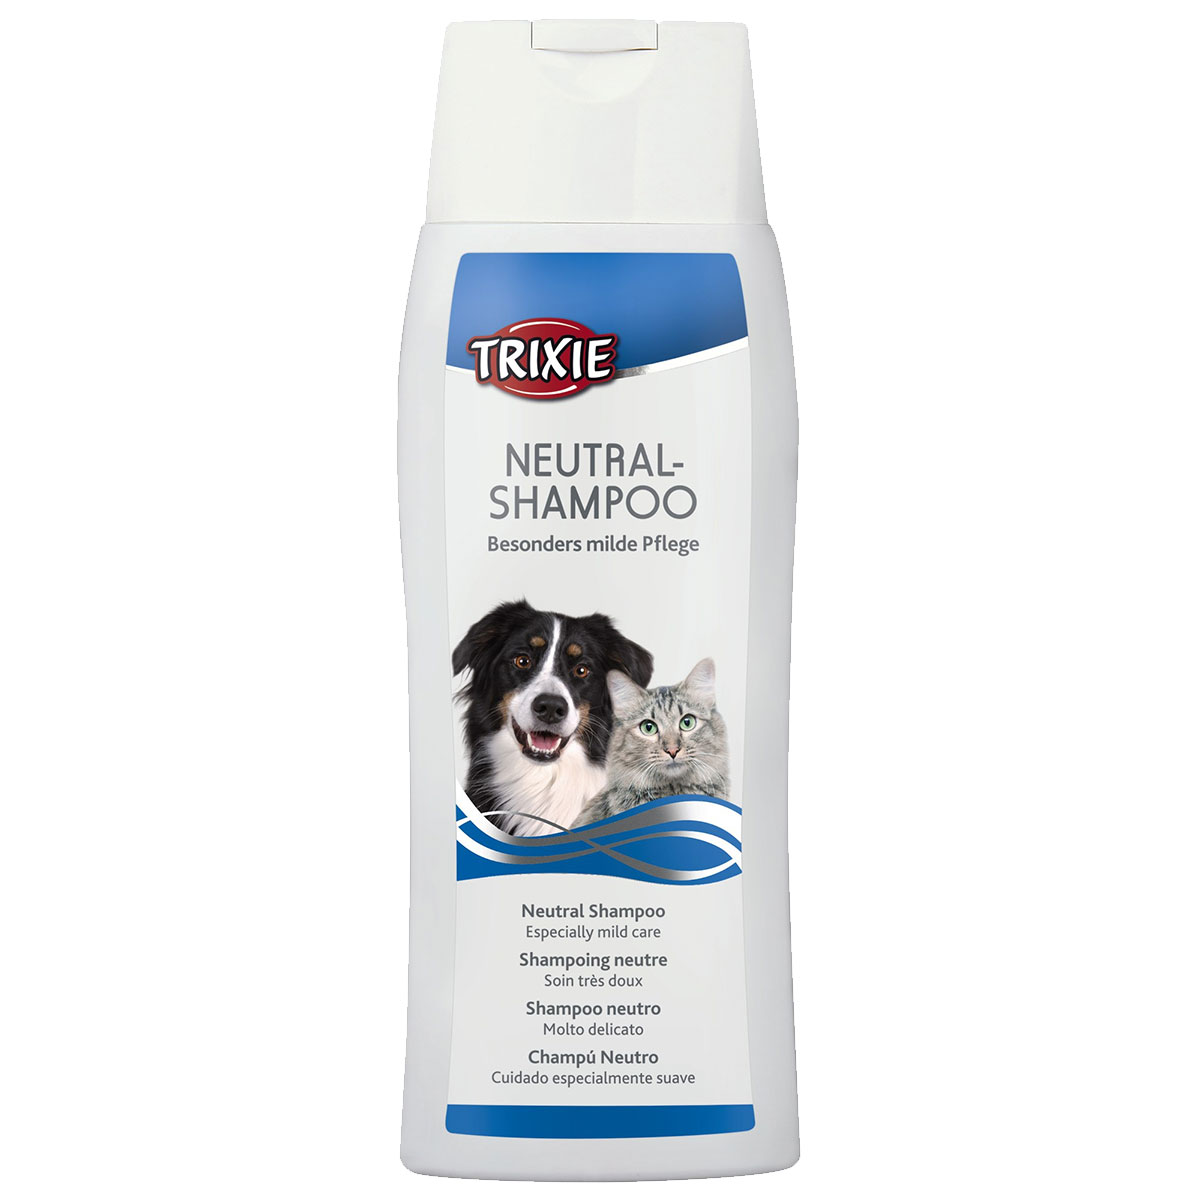 trixie neutral shampoo f r hunde und katzen kaufen bei zooroyal. Black Bedroom Furniture Sets. Home Design Ideas